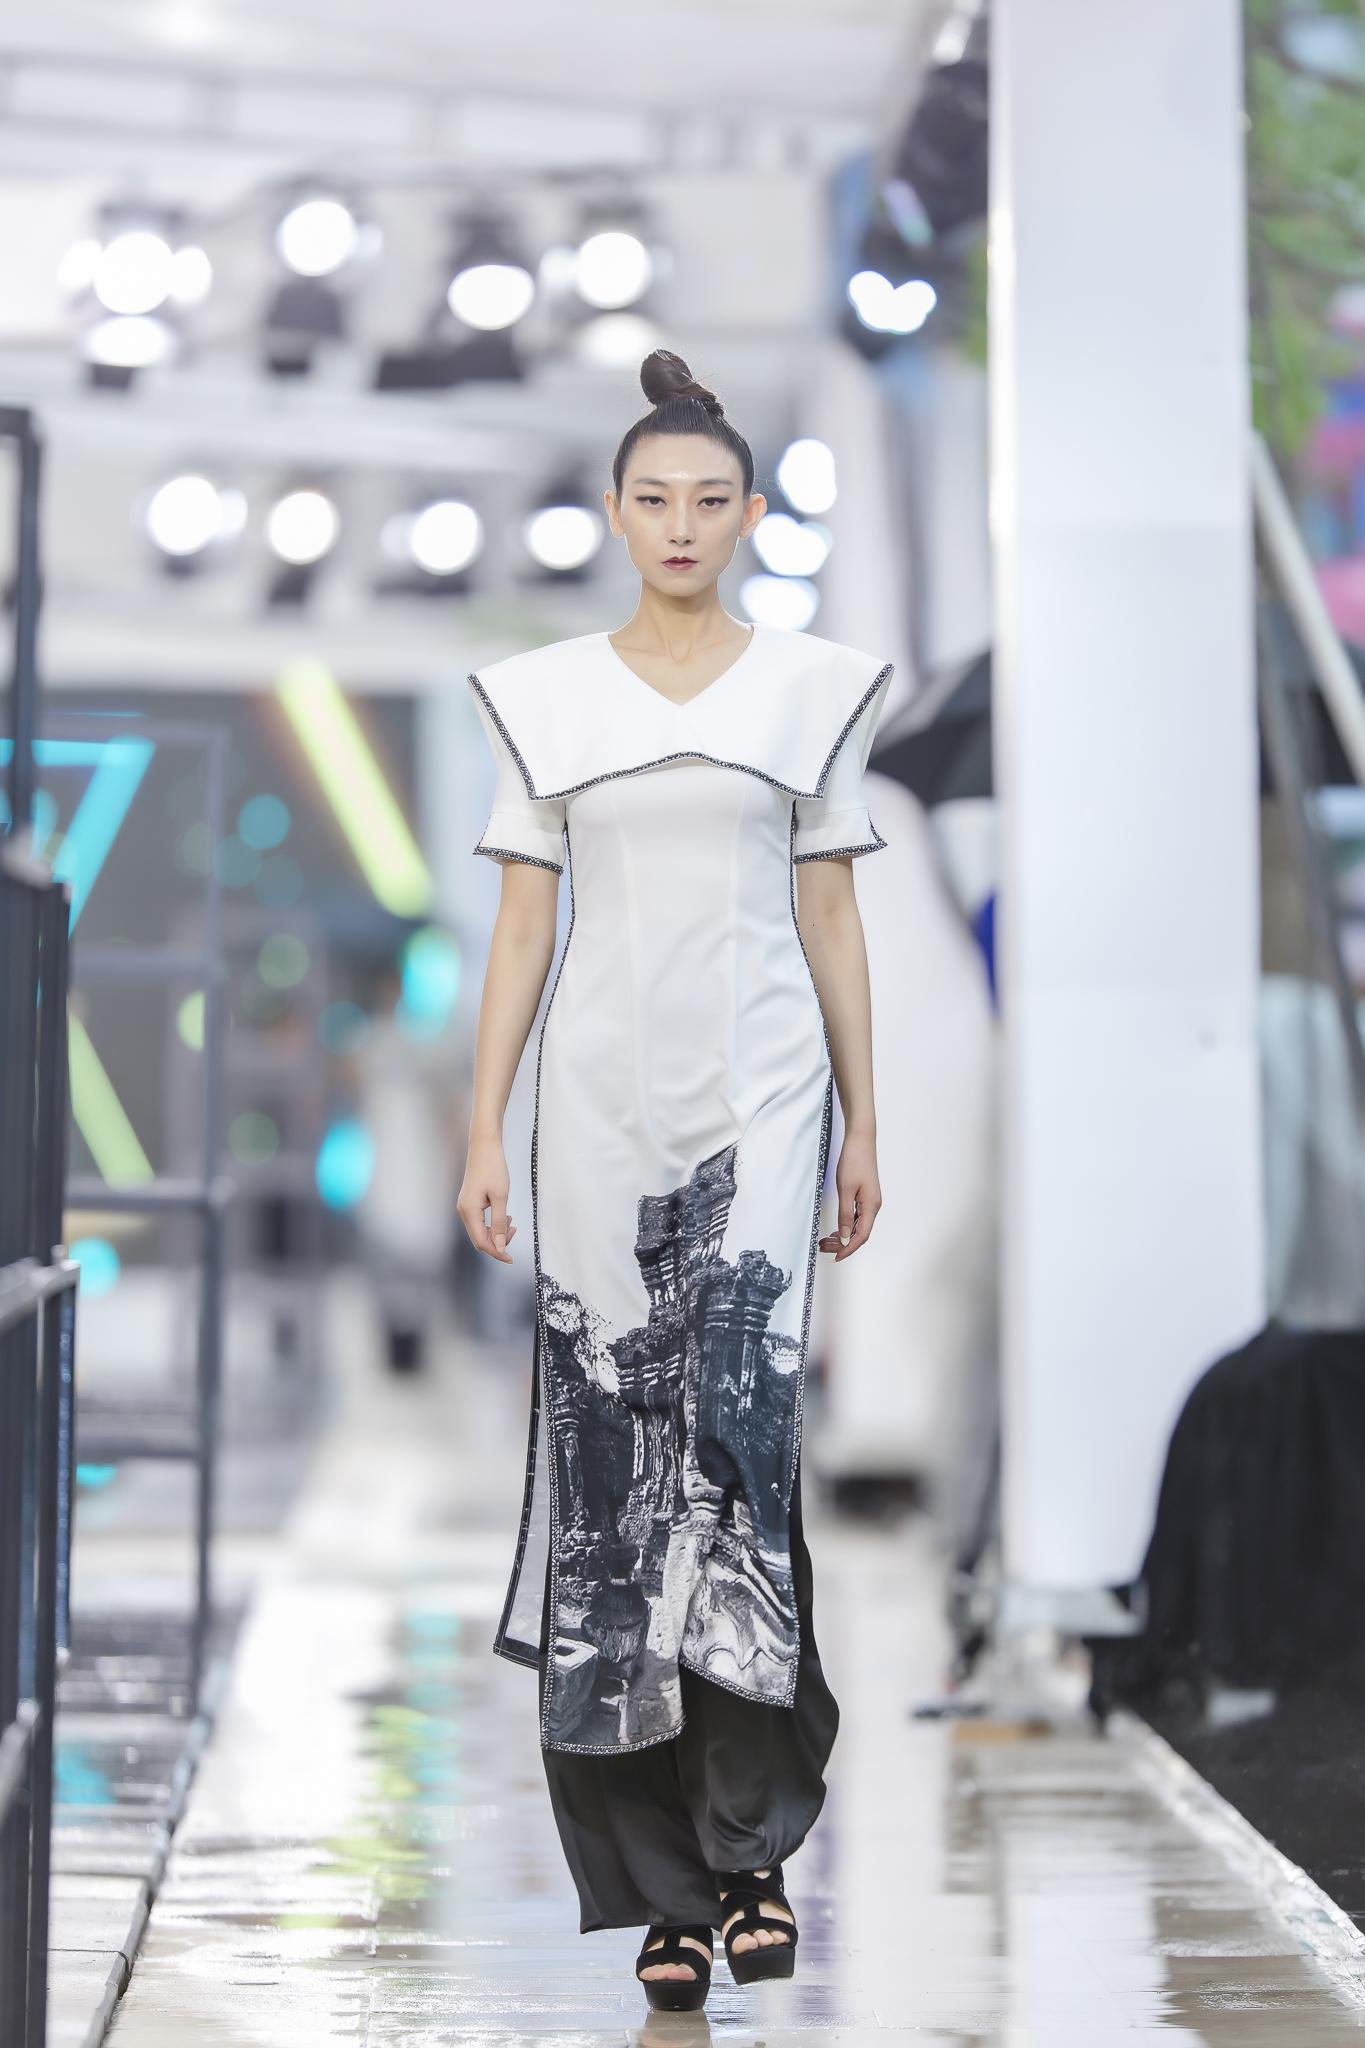 Hồng Quế diện áo dài Hà Duy, catwalk nổi bật giữa dàn mẫu Trung Quốc Ảnh 9